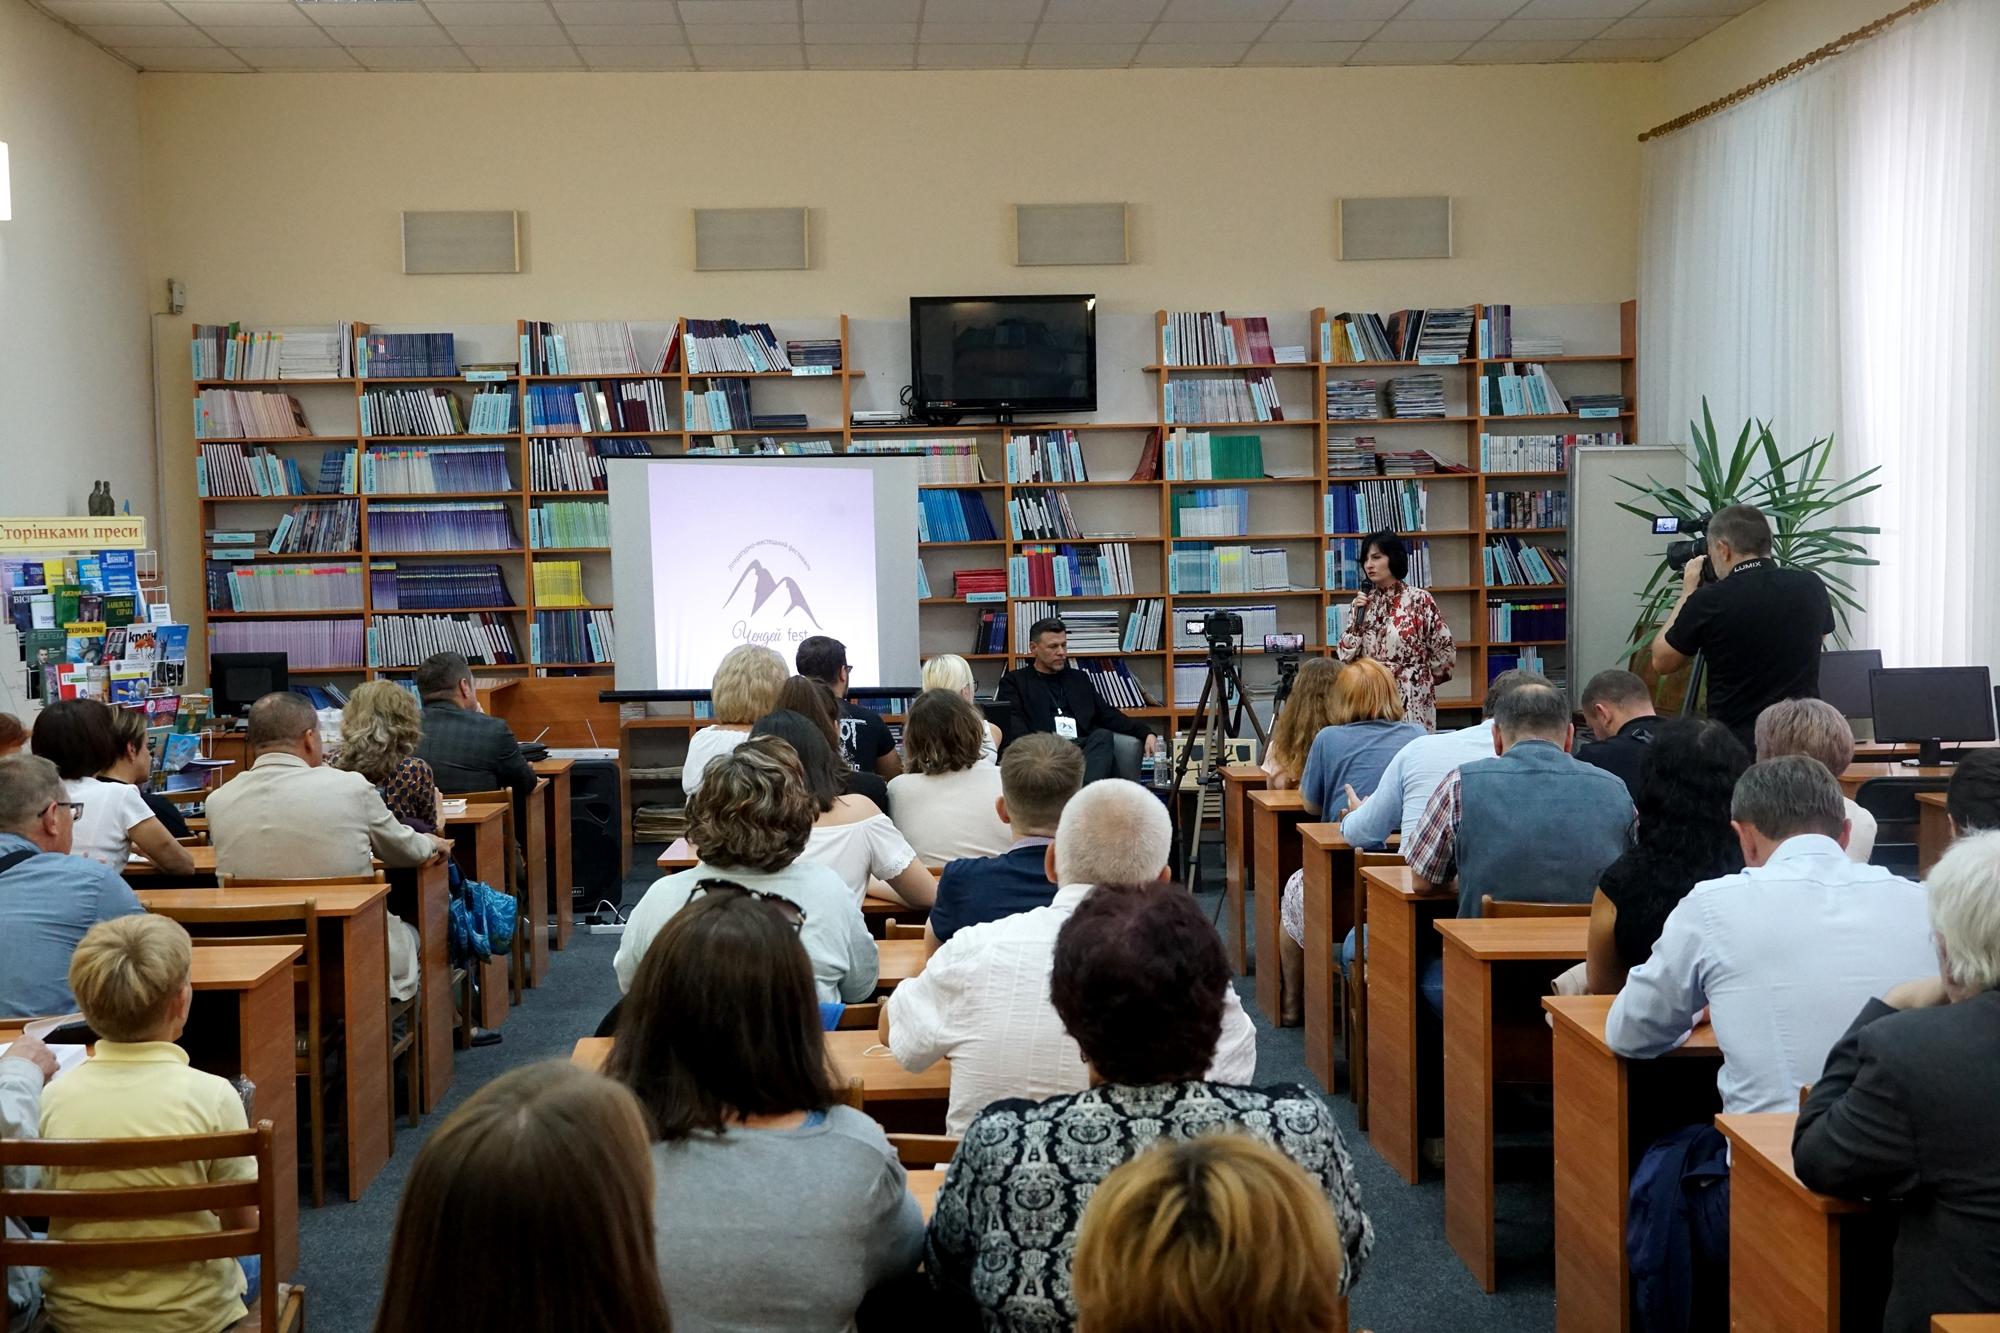 У читальному залі Закарпатської обласної універсальної наукової бібліотеки імені Федора Потушняка розпочався третій, уже традиційний, Всеукраїнський культурно-мистецький фестиваль «ЧЕНДЕЙФЕСТ-2021».